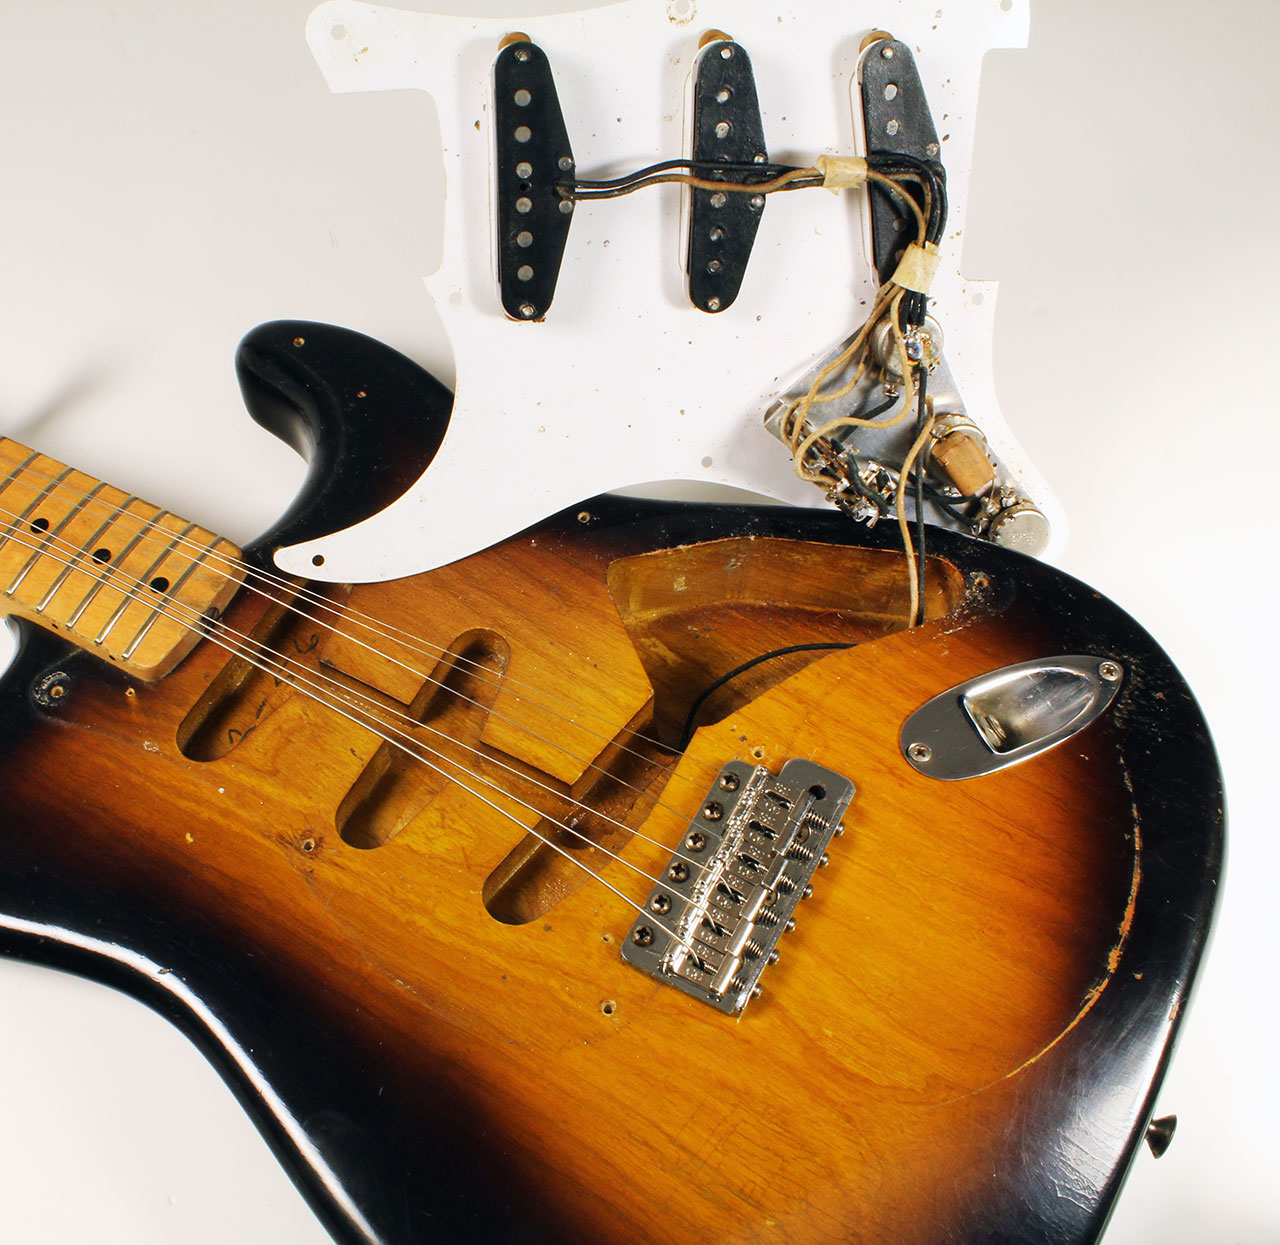 Fender Stratocaster Neck >> Fender Stratocaster 1956 | www.12fret.com